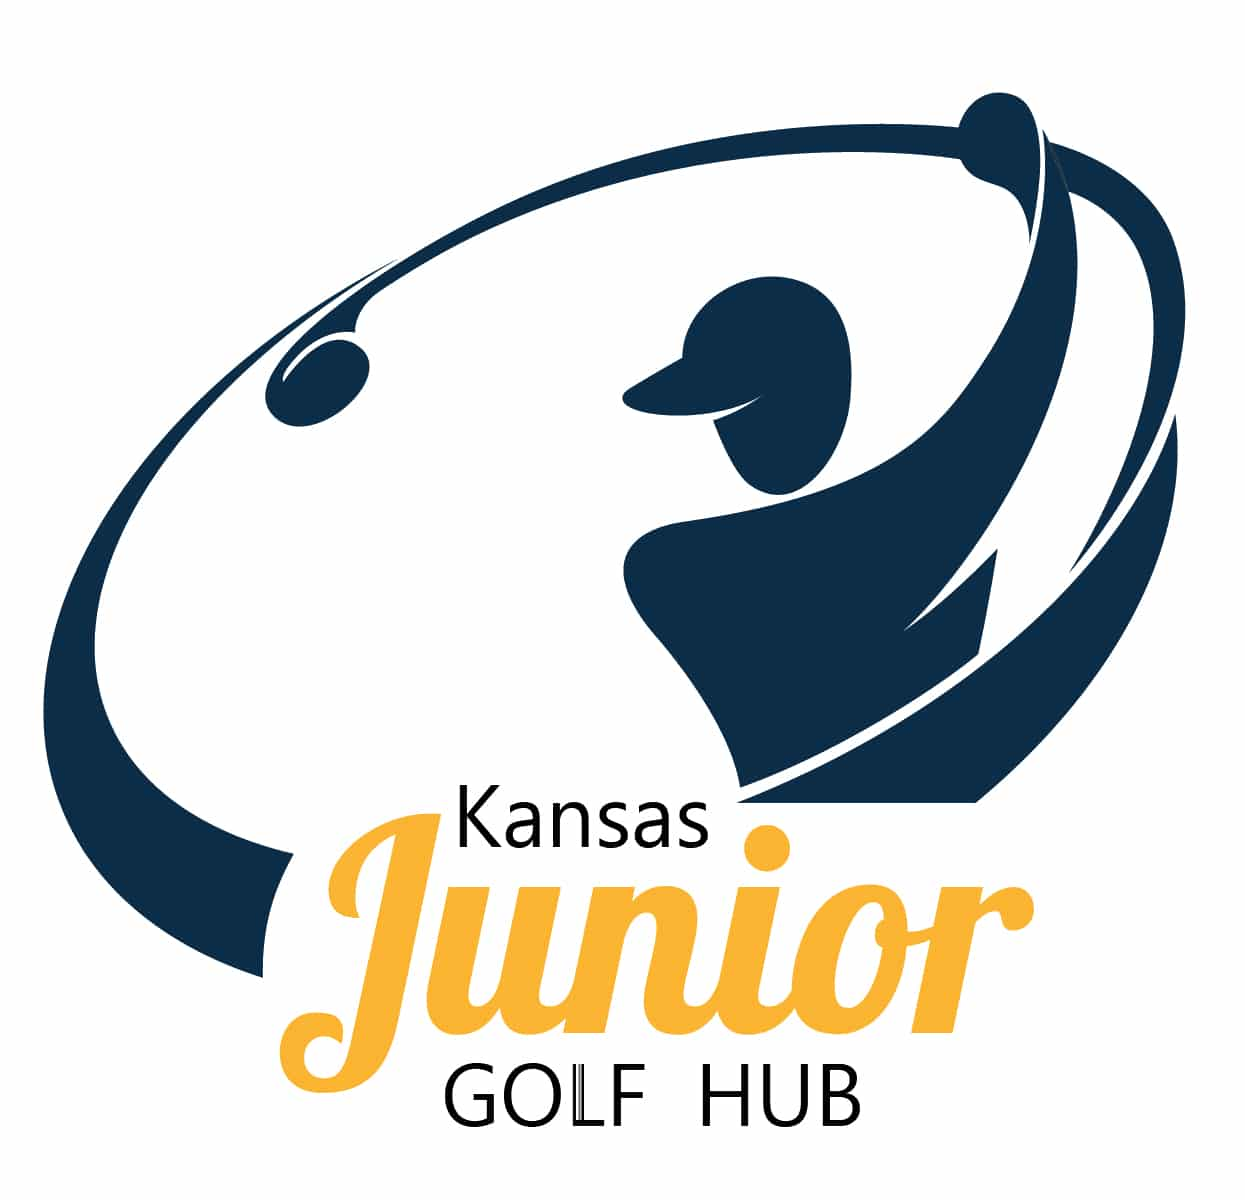 KS Jr Golf Hub logo